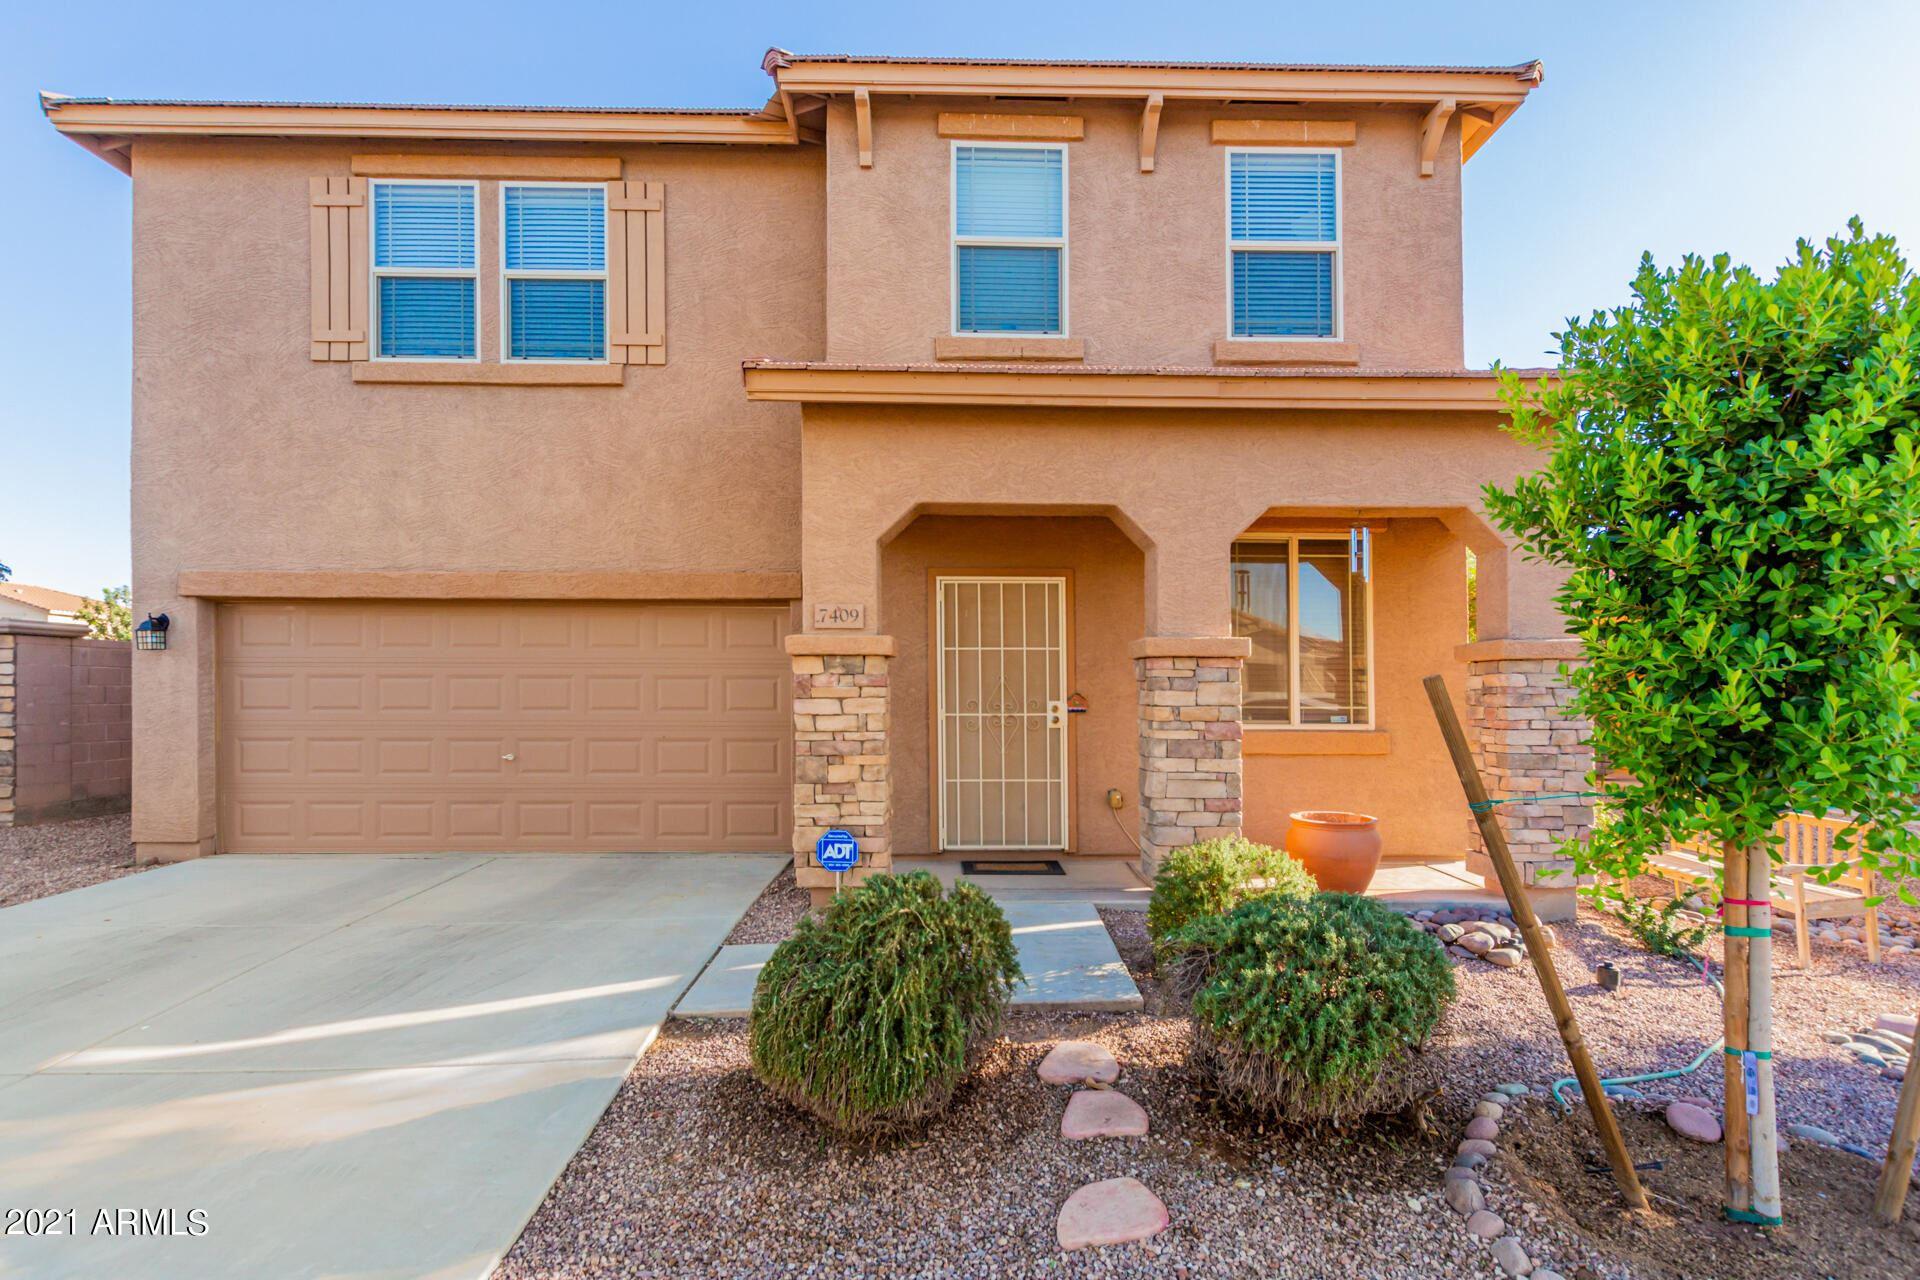 Photo of 7409 W Darrel Road, Laveen, AZ 85339 (MLS # 6307710)